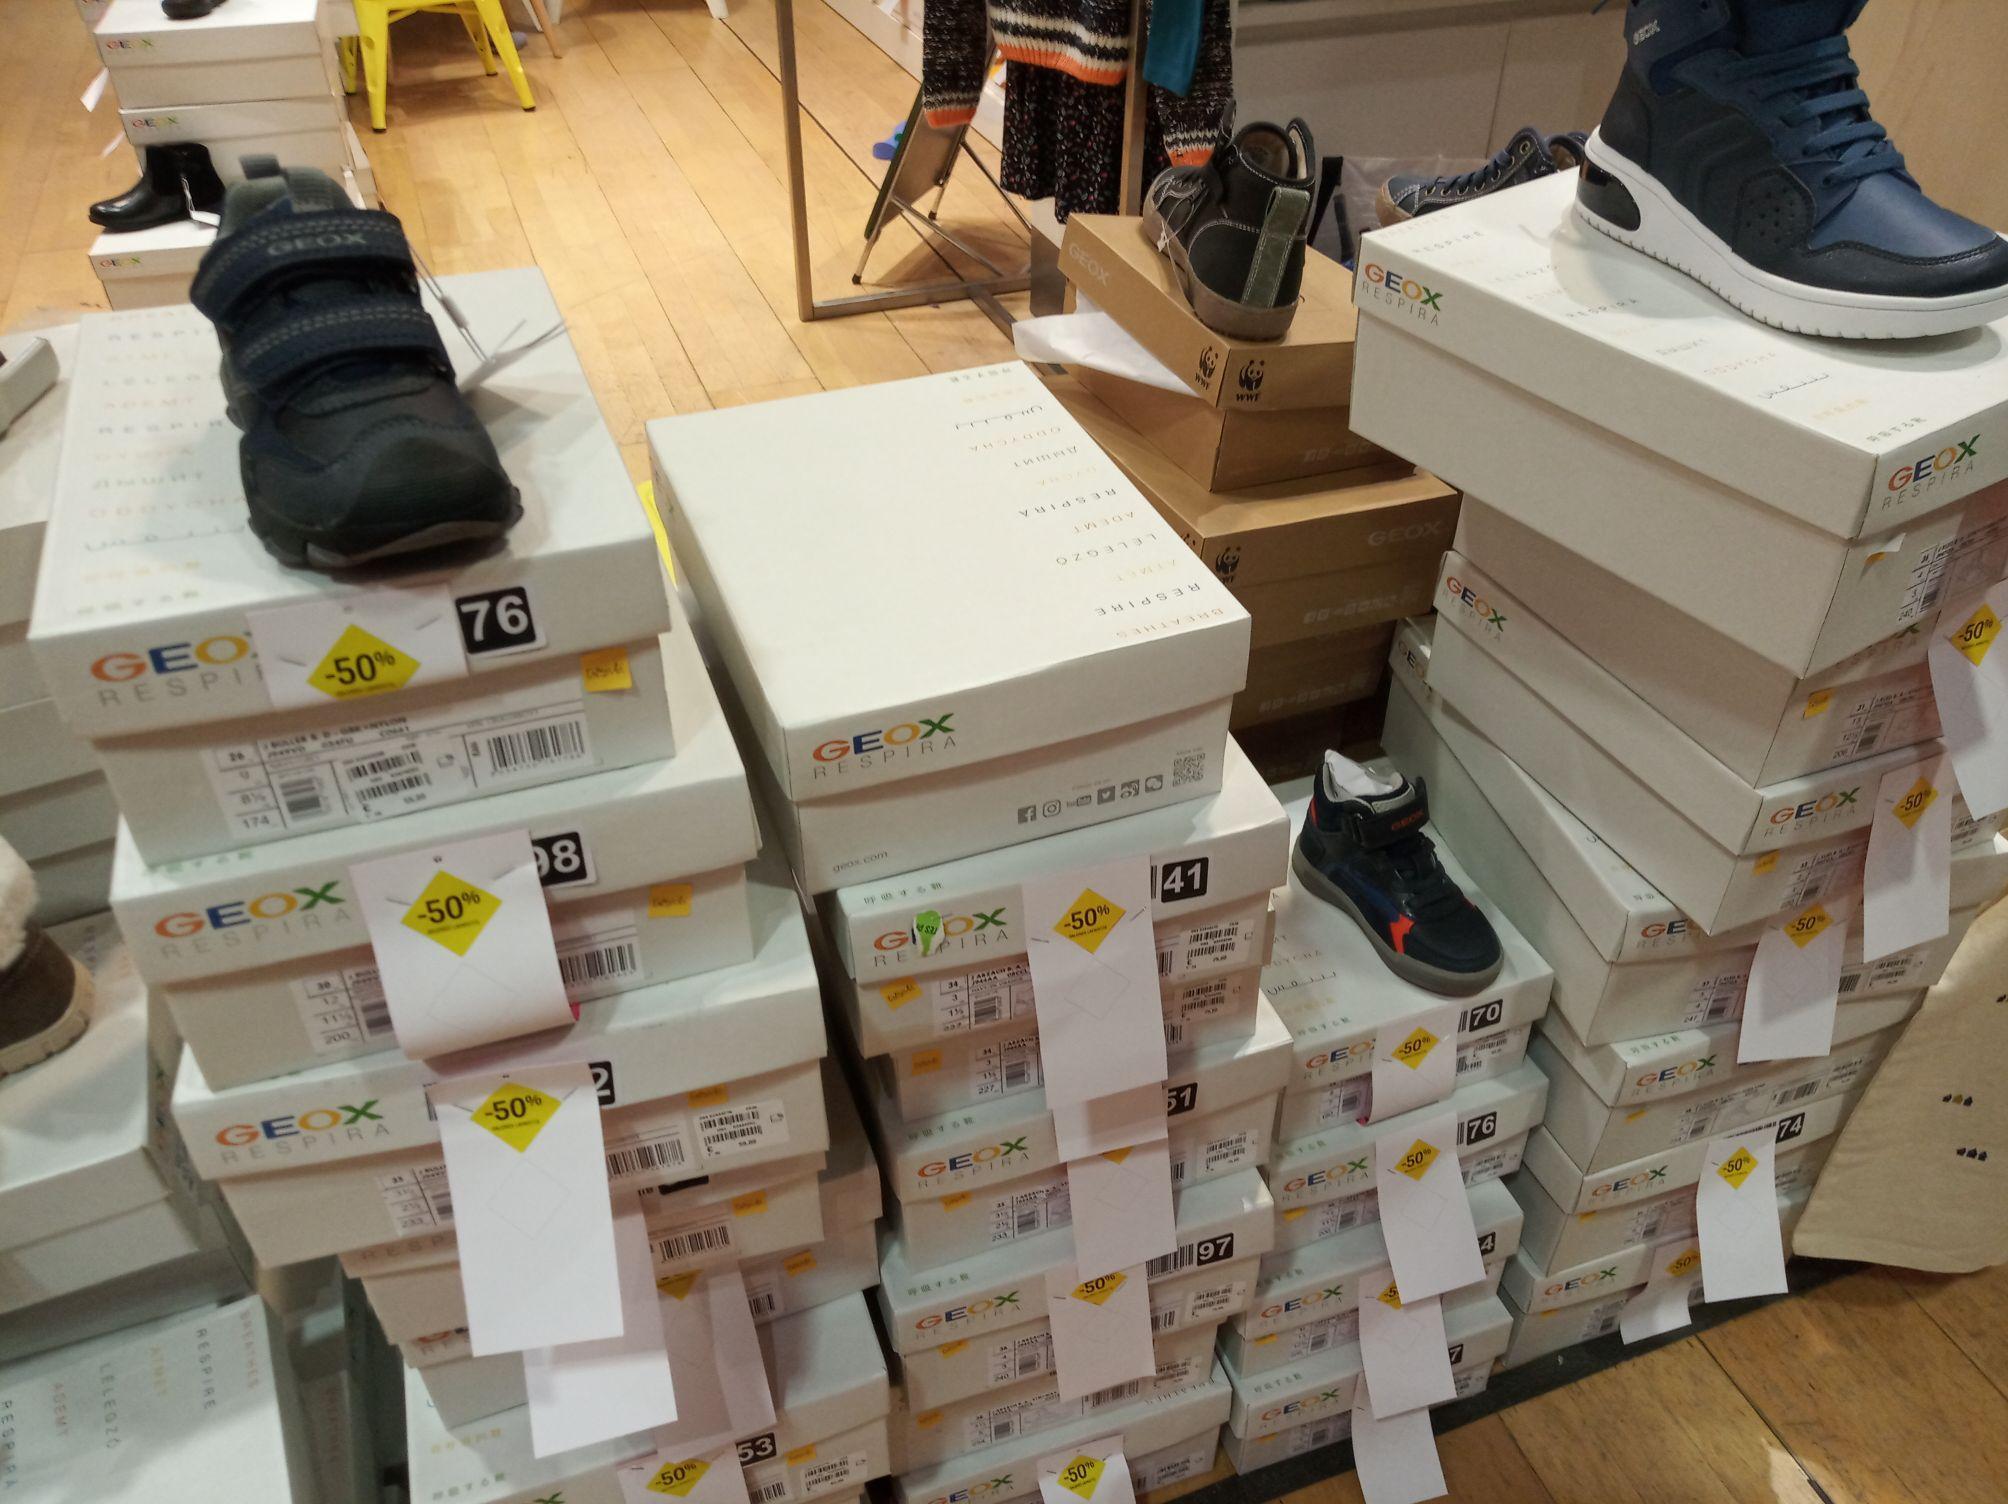 Sélection de chaussures Geox en promotion - Ex : Geox J Buller Boy D - Annecy (74)